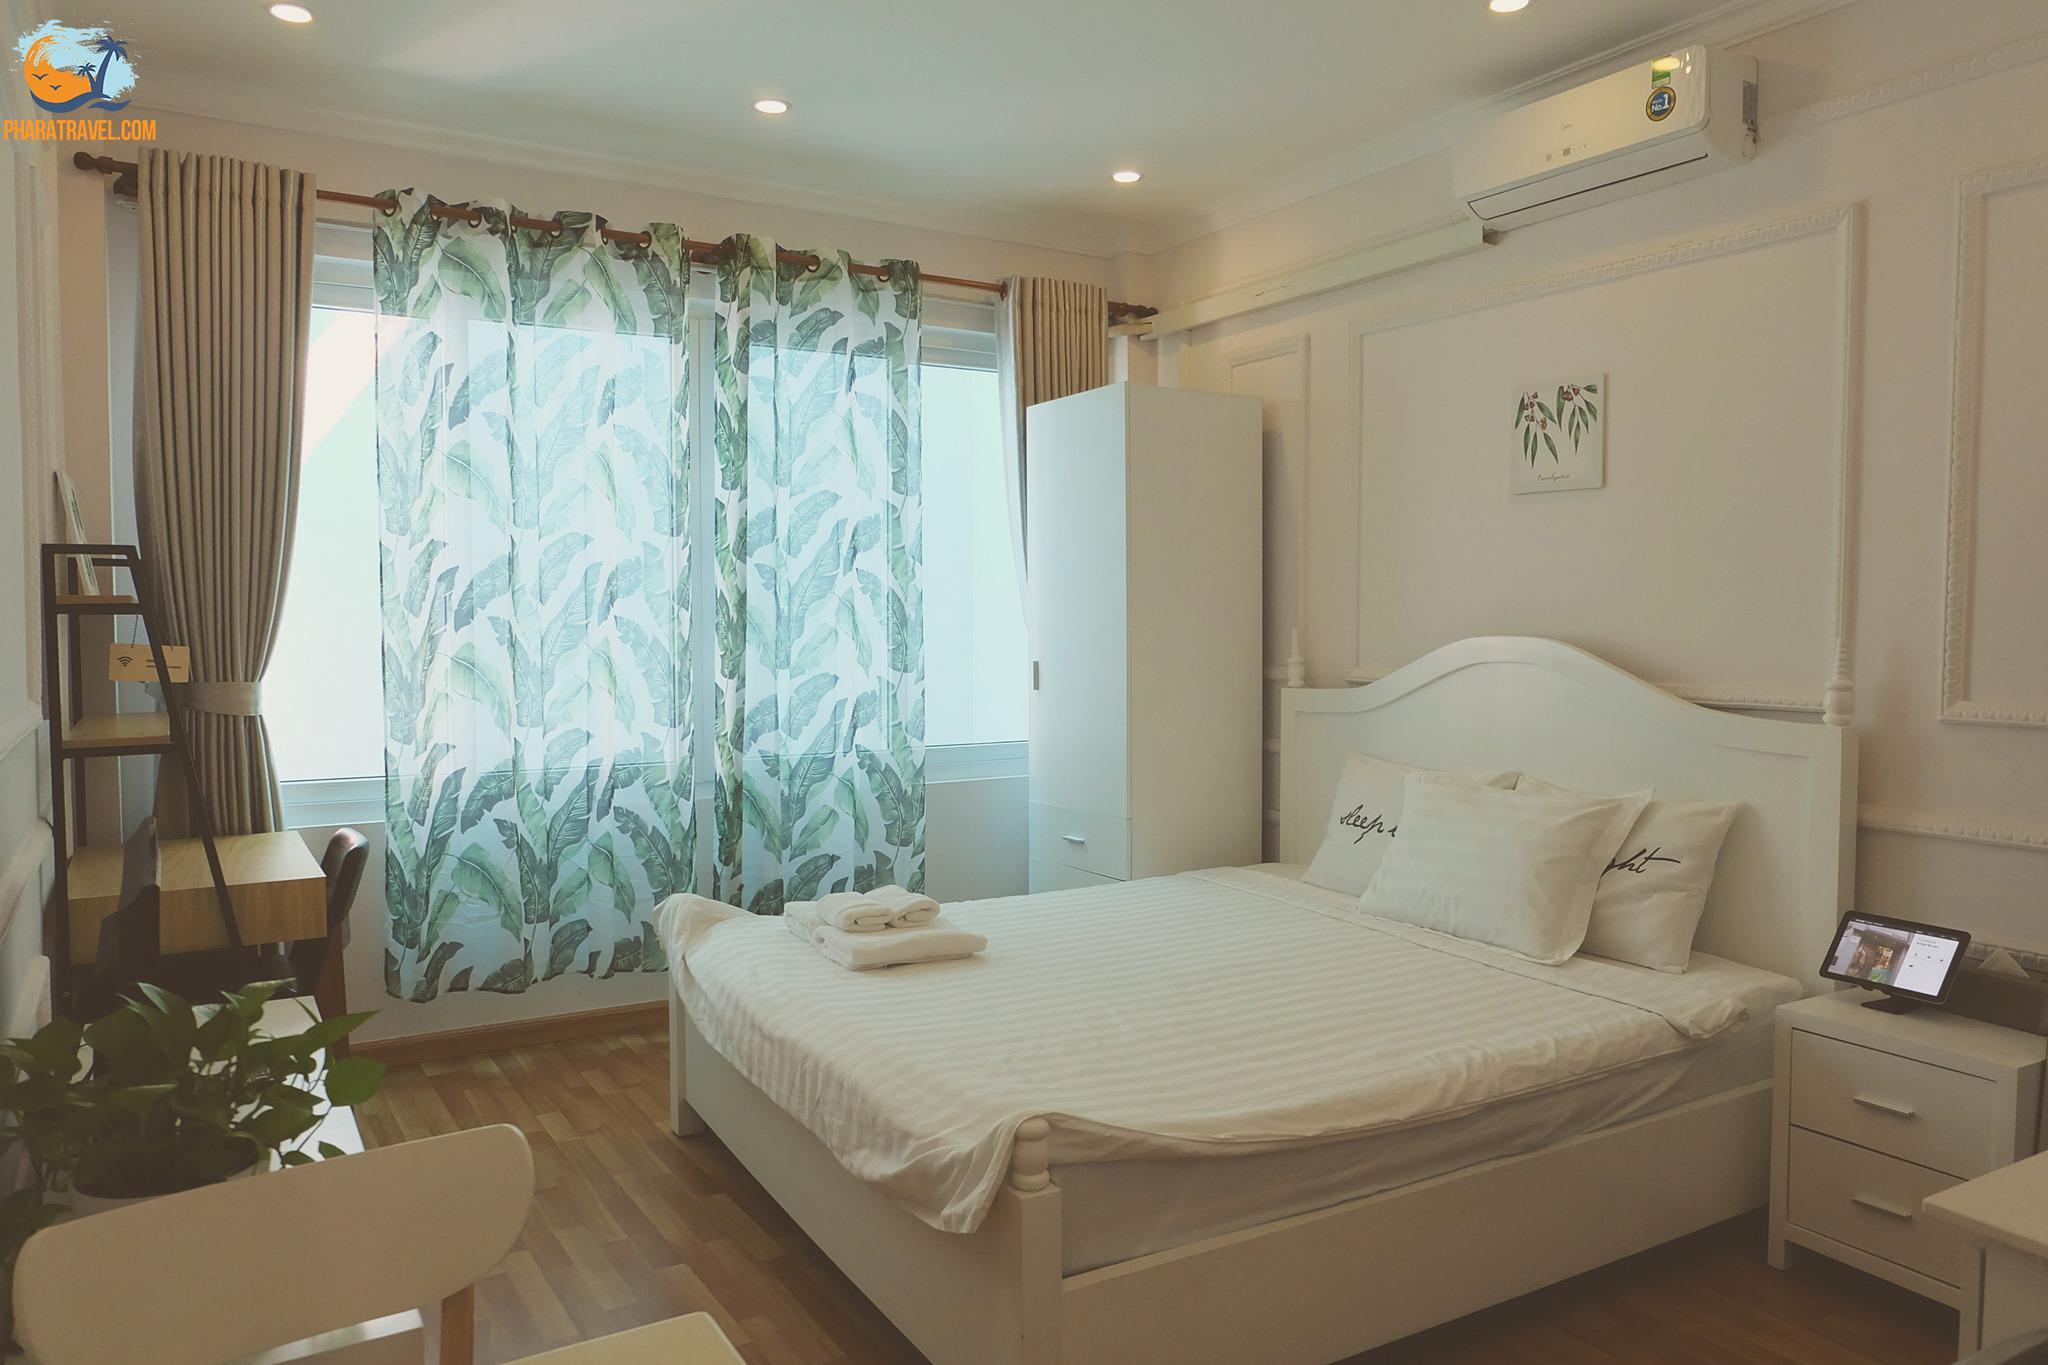 Top 25 biệt thự villa Saigon TPhcm giá rẻ view đẹp ở ngoại thành có hồ bơi